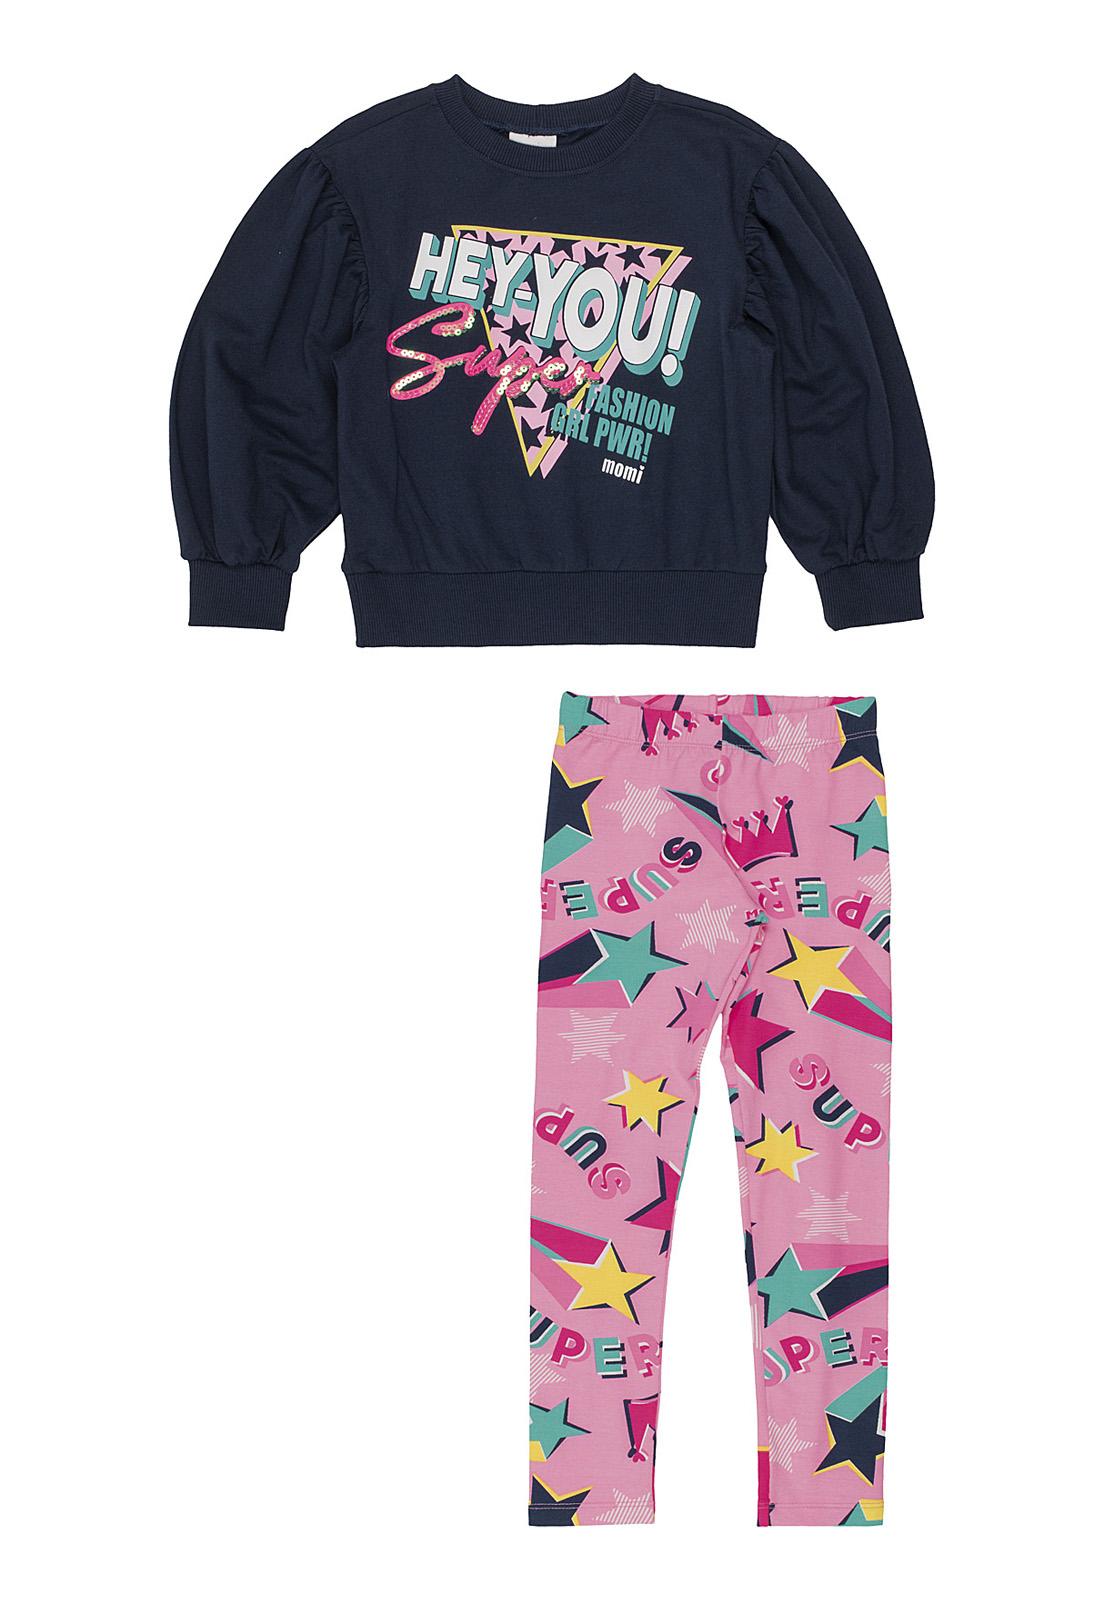 Conjunto Infantil Blusa Arte Hey You Azul Escuro E Calça Legging Rosa Neon com Estrelas Momi